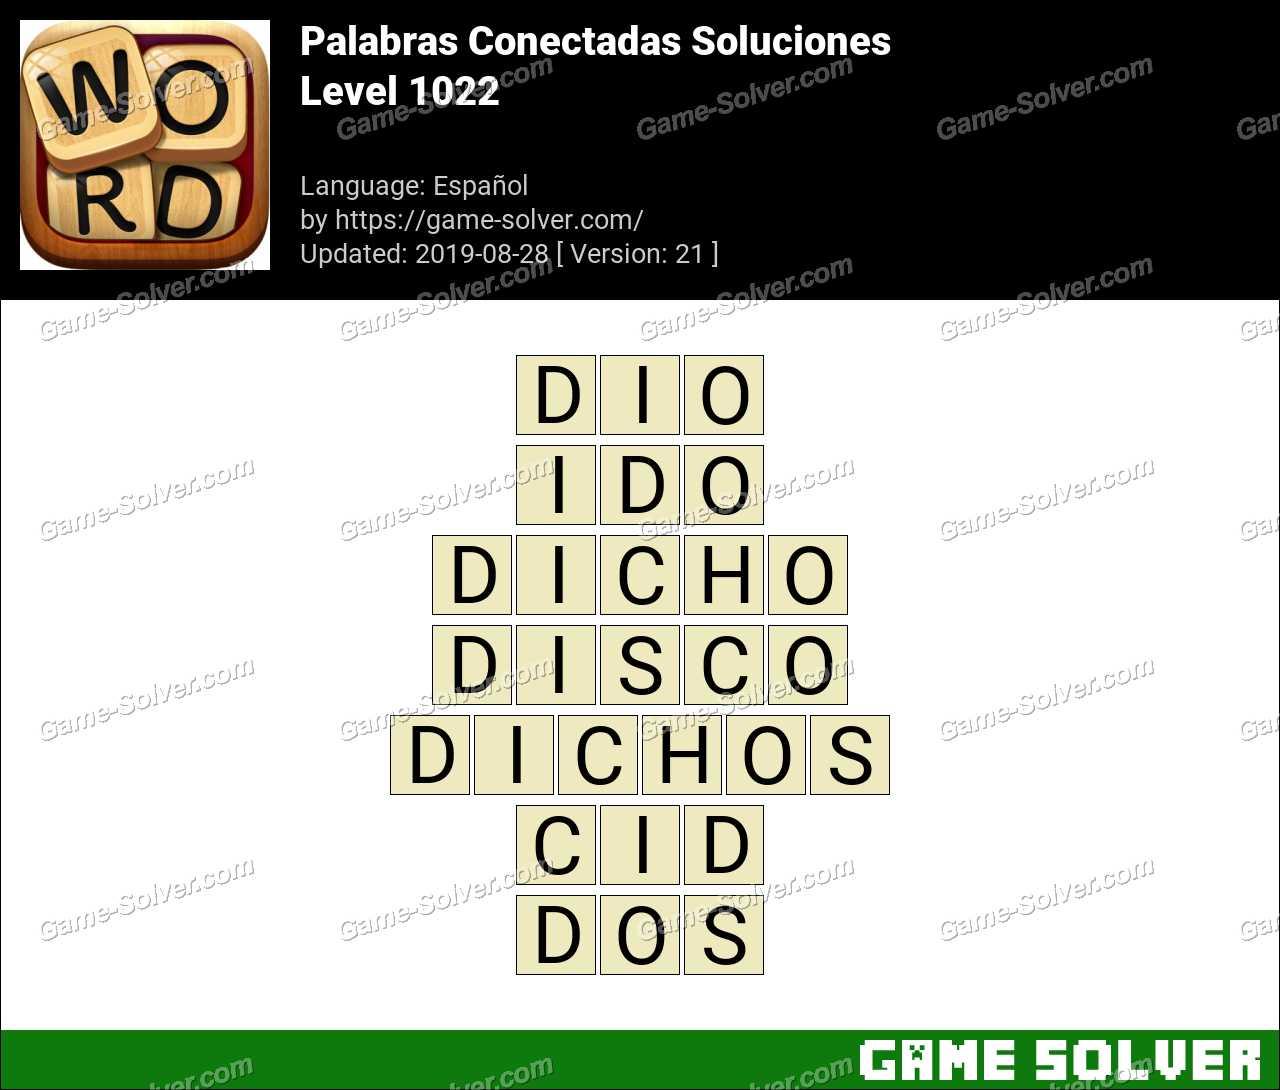 Palabras Conectadas Nivel 1022 Soluciones